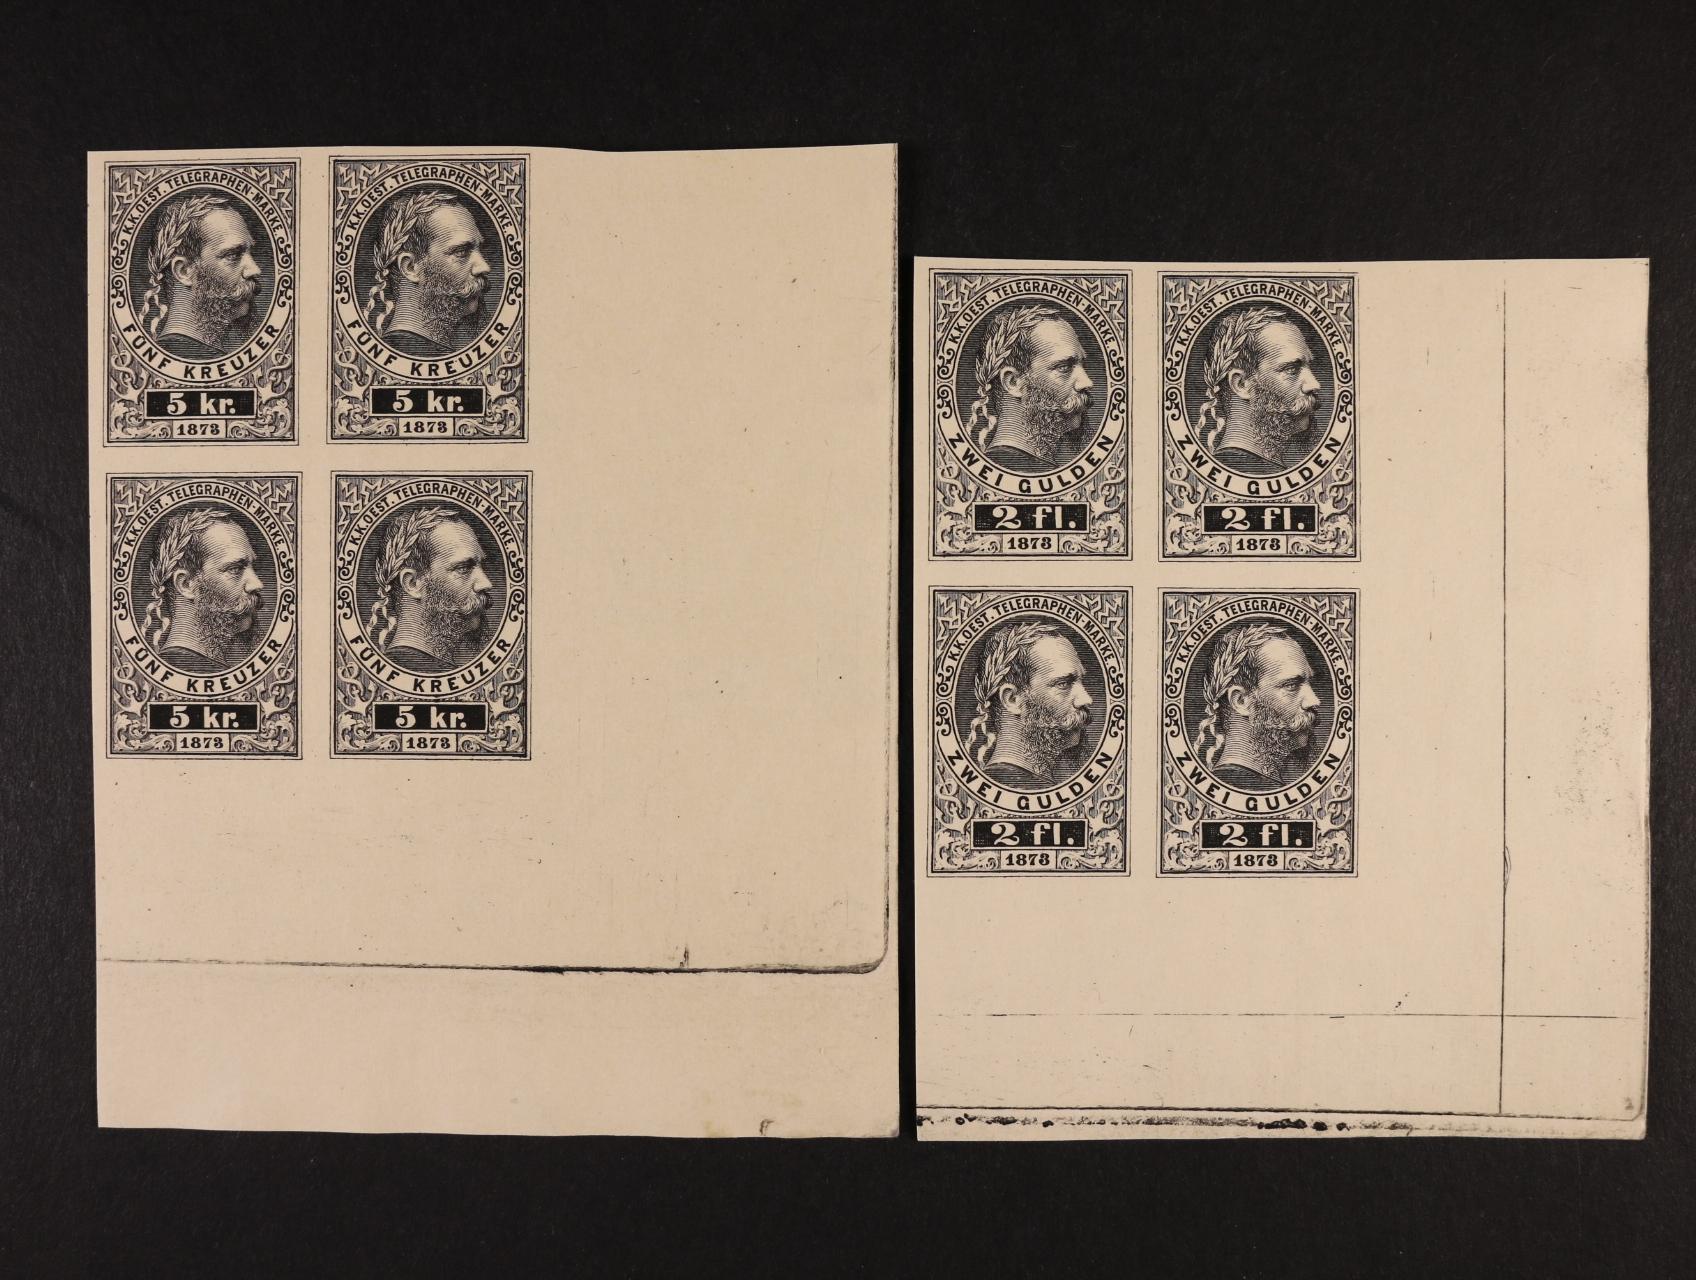 telegrafní 1878 - ZT 4-bloky nezoubkované, v černé barvě, rohové, unikátní bloky – z jediného dochovaného archu zkusmých tisků z Vídeňského poštovního archívu, katalogy dosud neuvádějí!